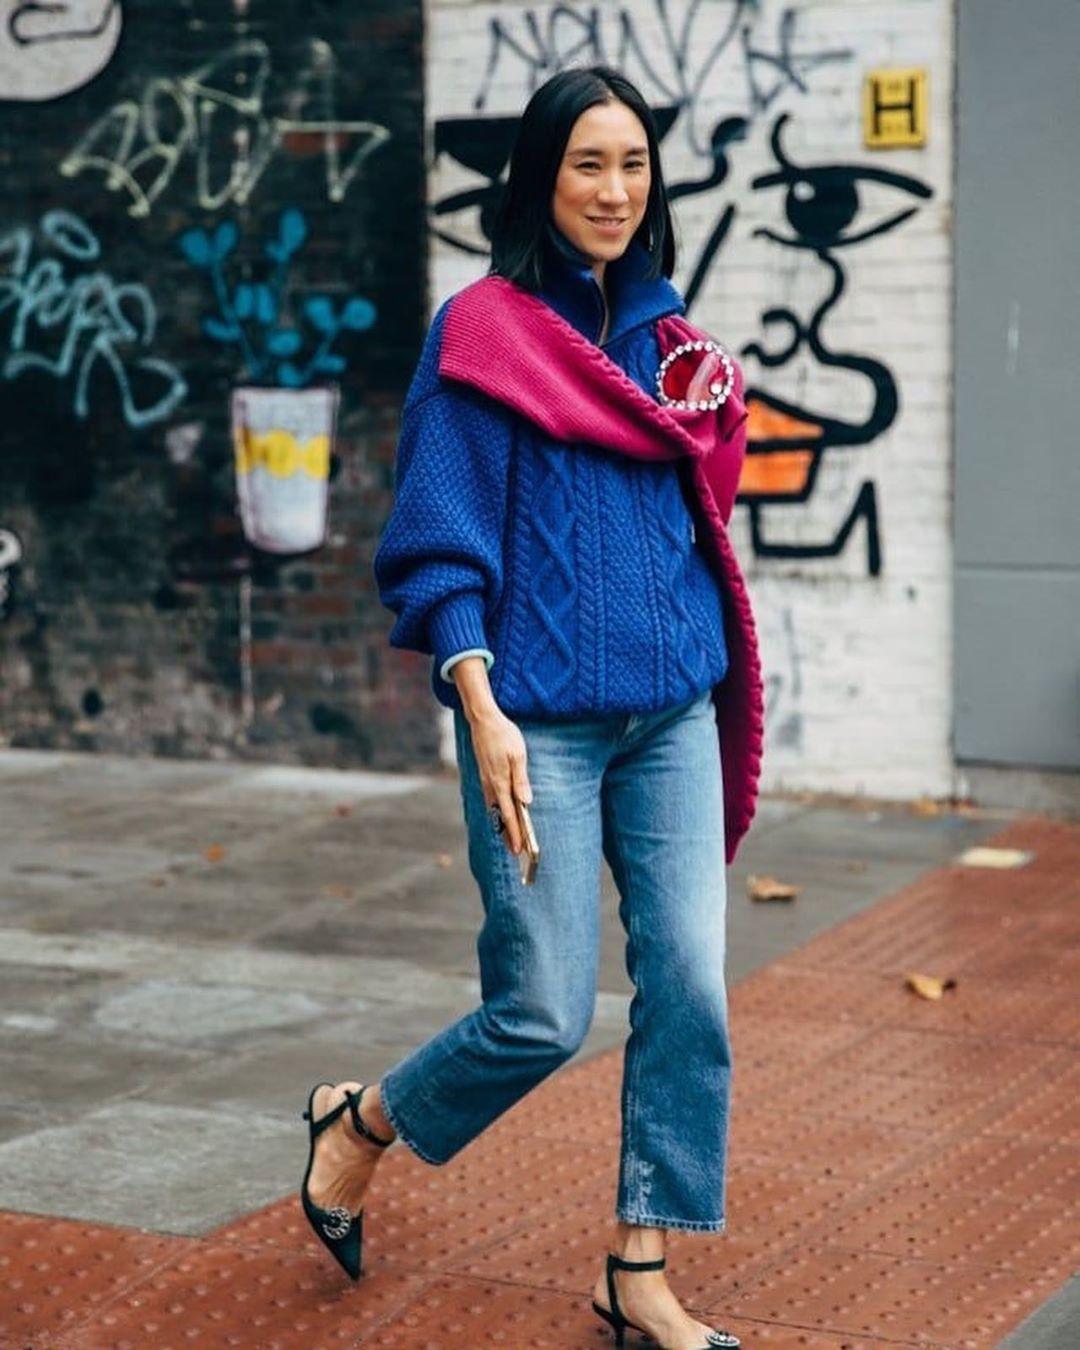 كيف ترتدي الأزرق الكلاسيكي لون بانتون لعام 2020 Stylish Street Style Sweater Design Bulky Sweaters